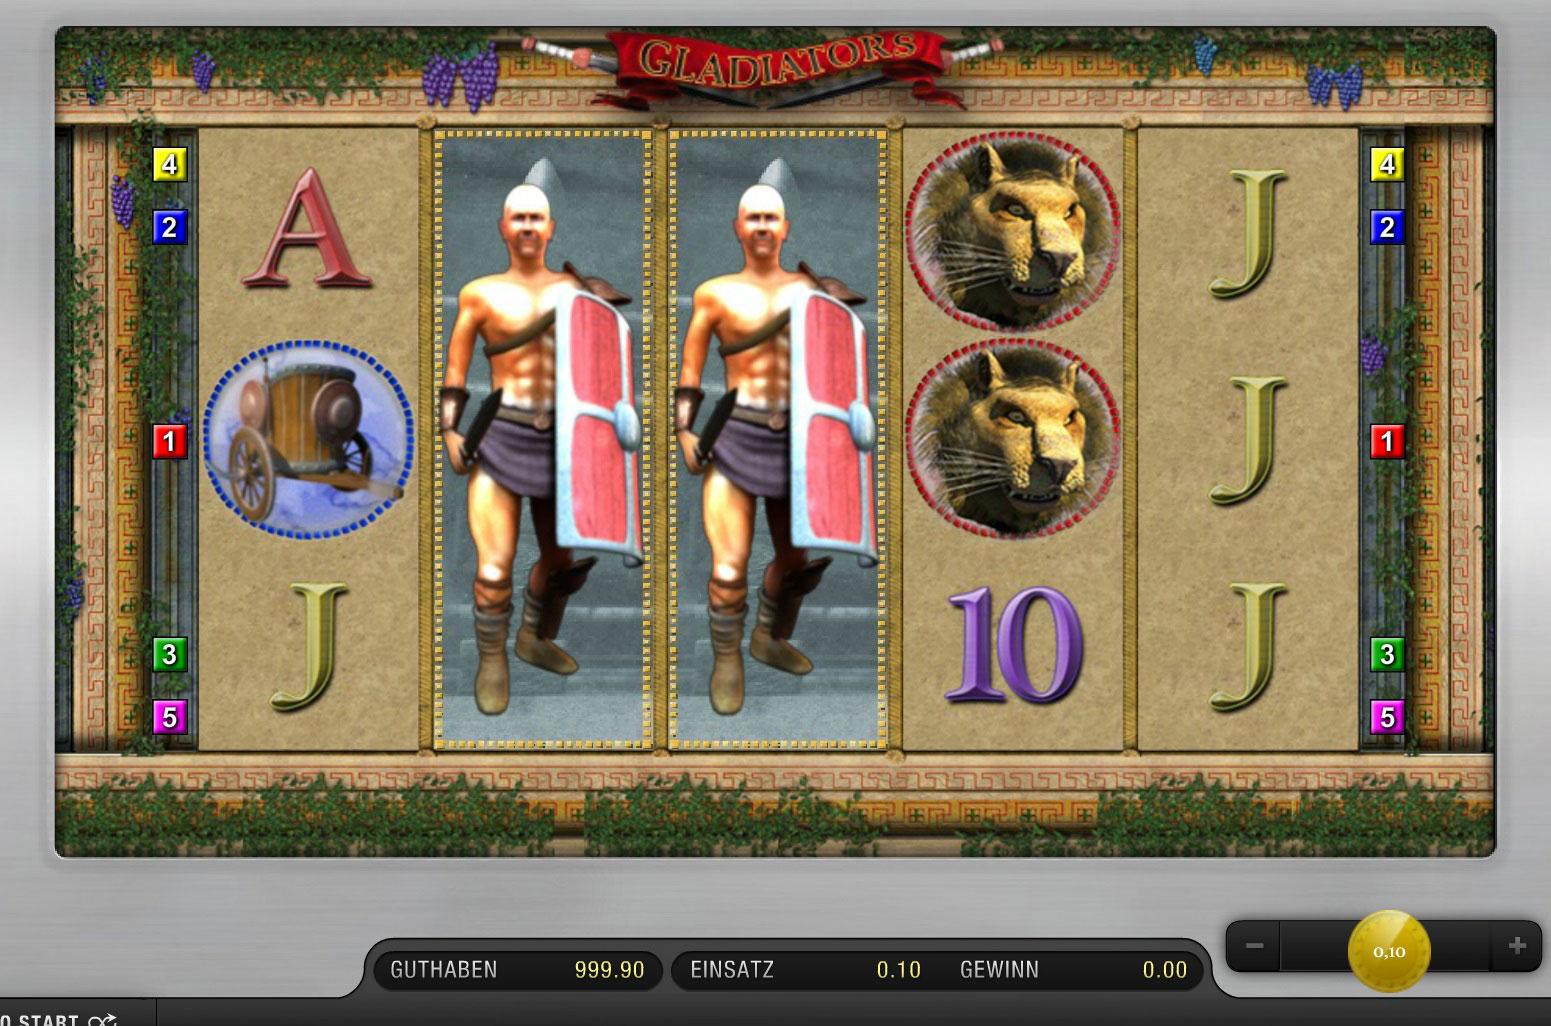 merkur online casino echtgeld casino spielen online kostenlos